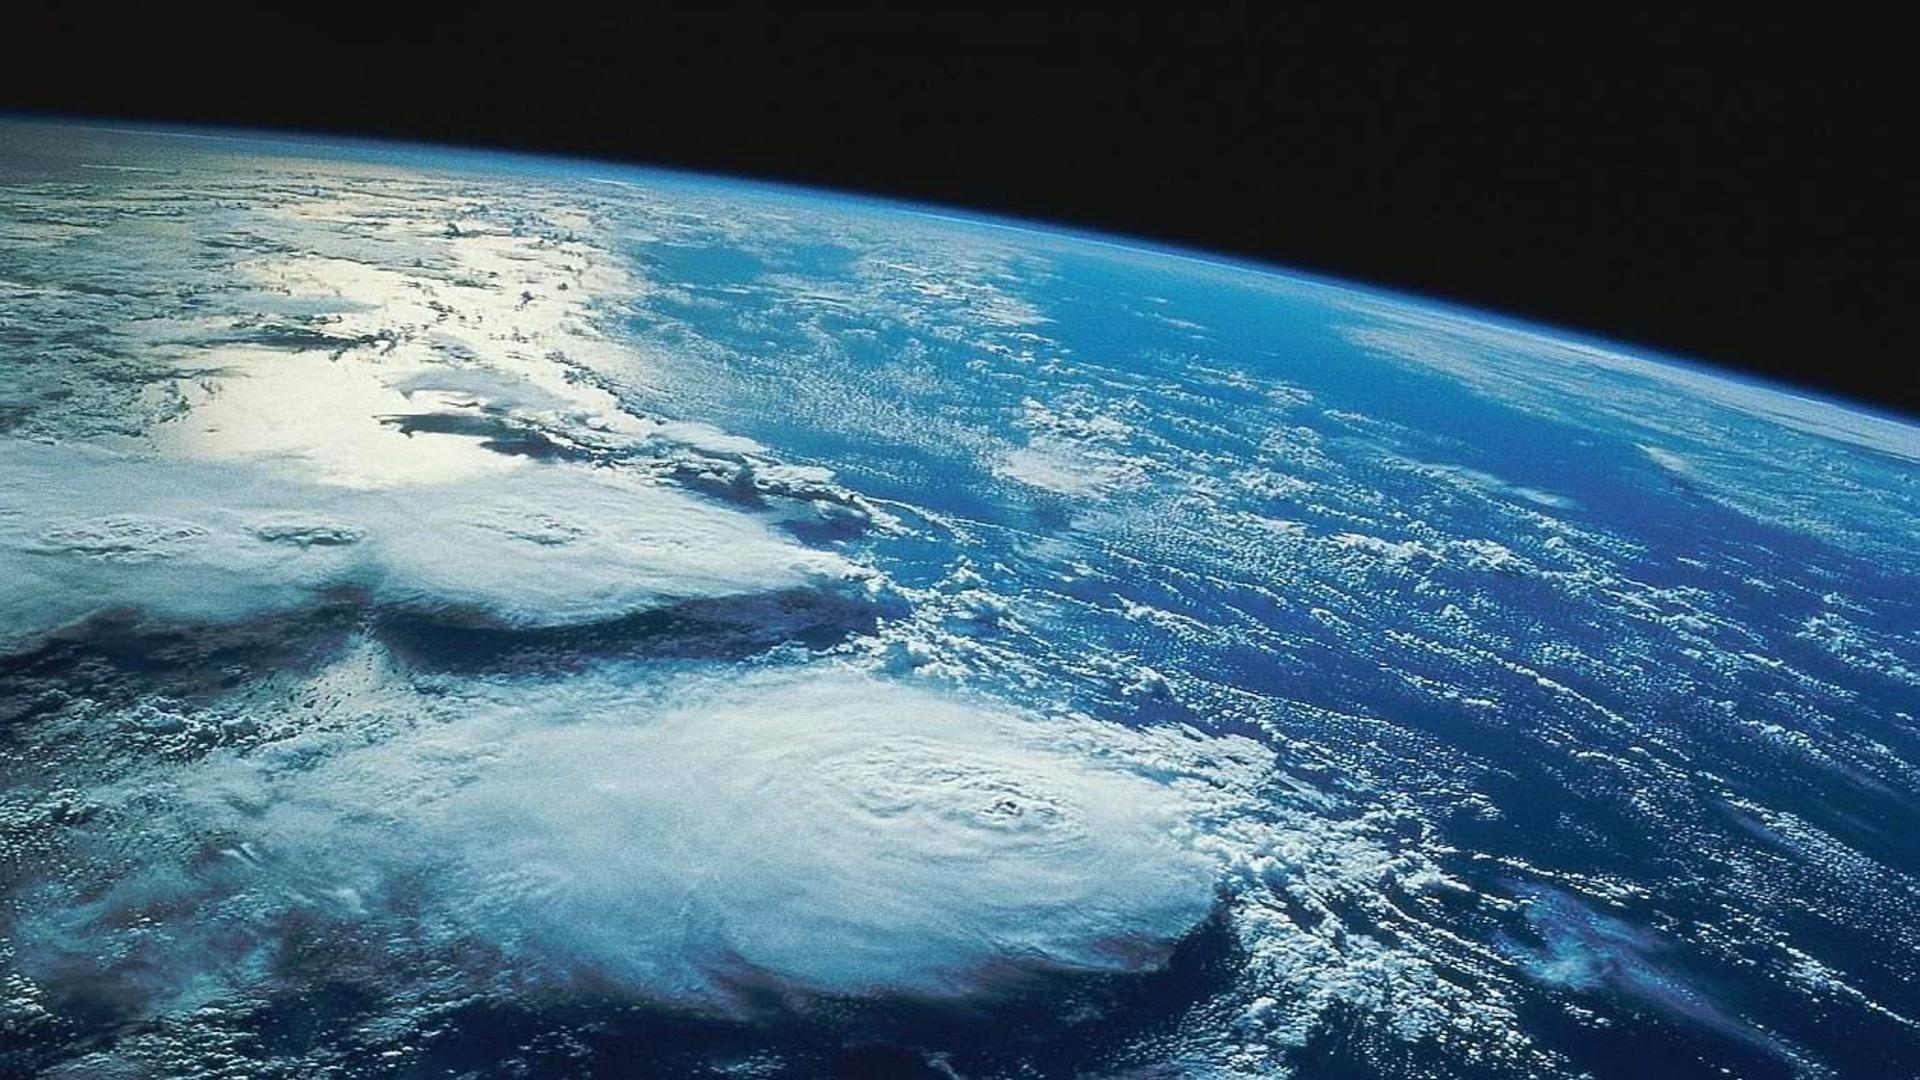 В РФ запущено производство космических антенн-трансформеров